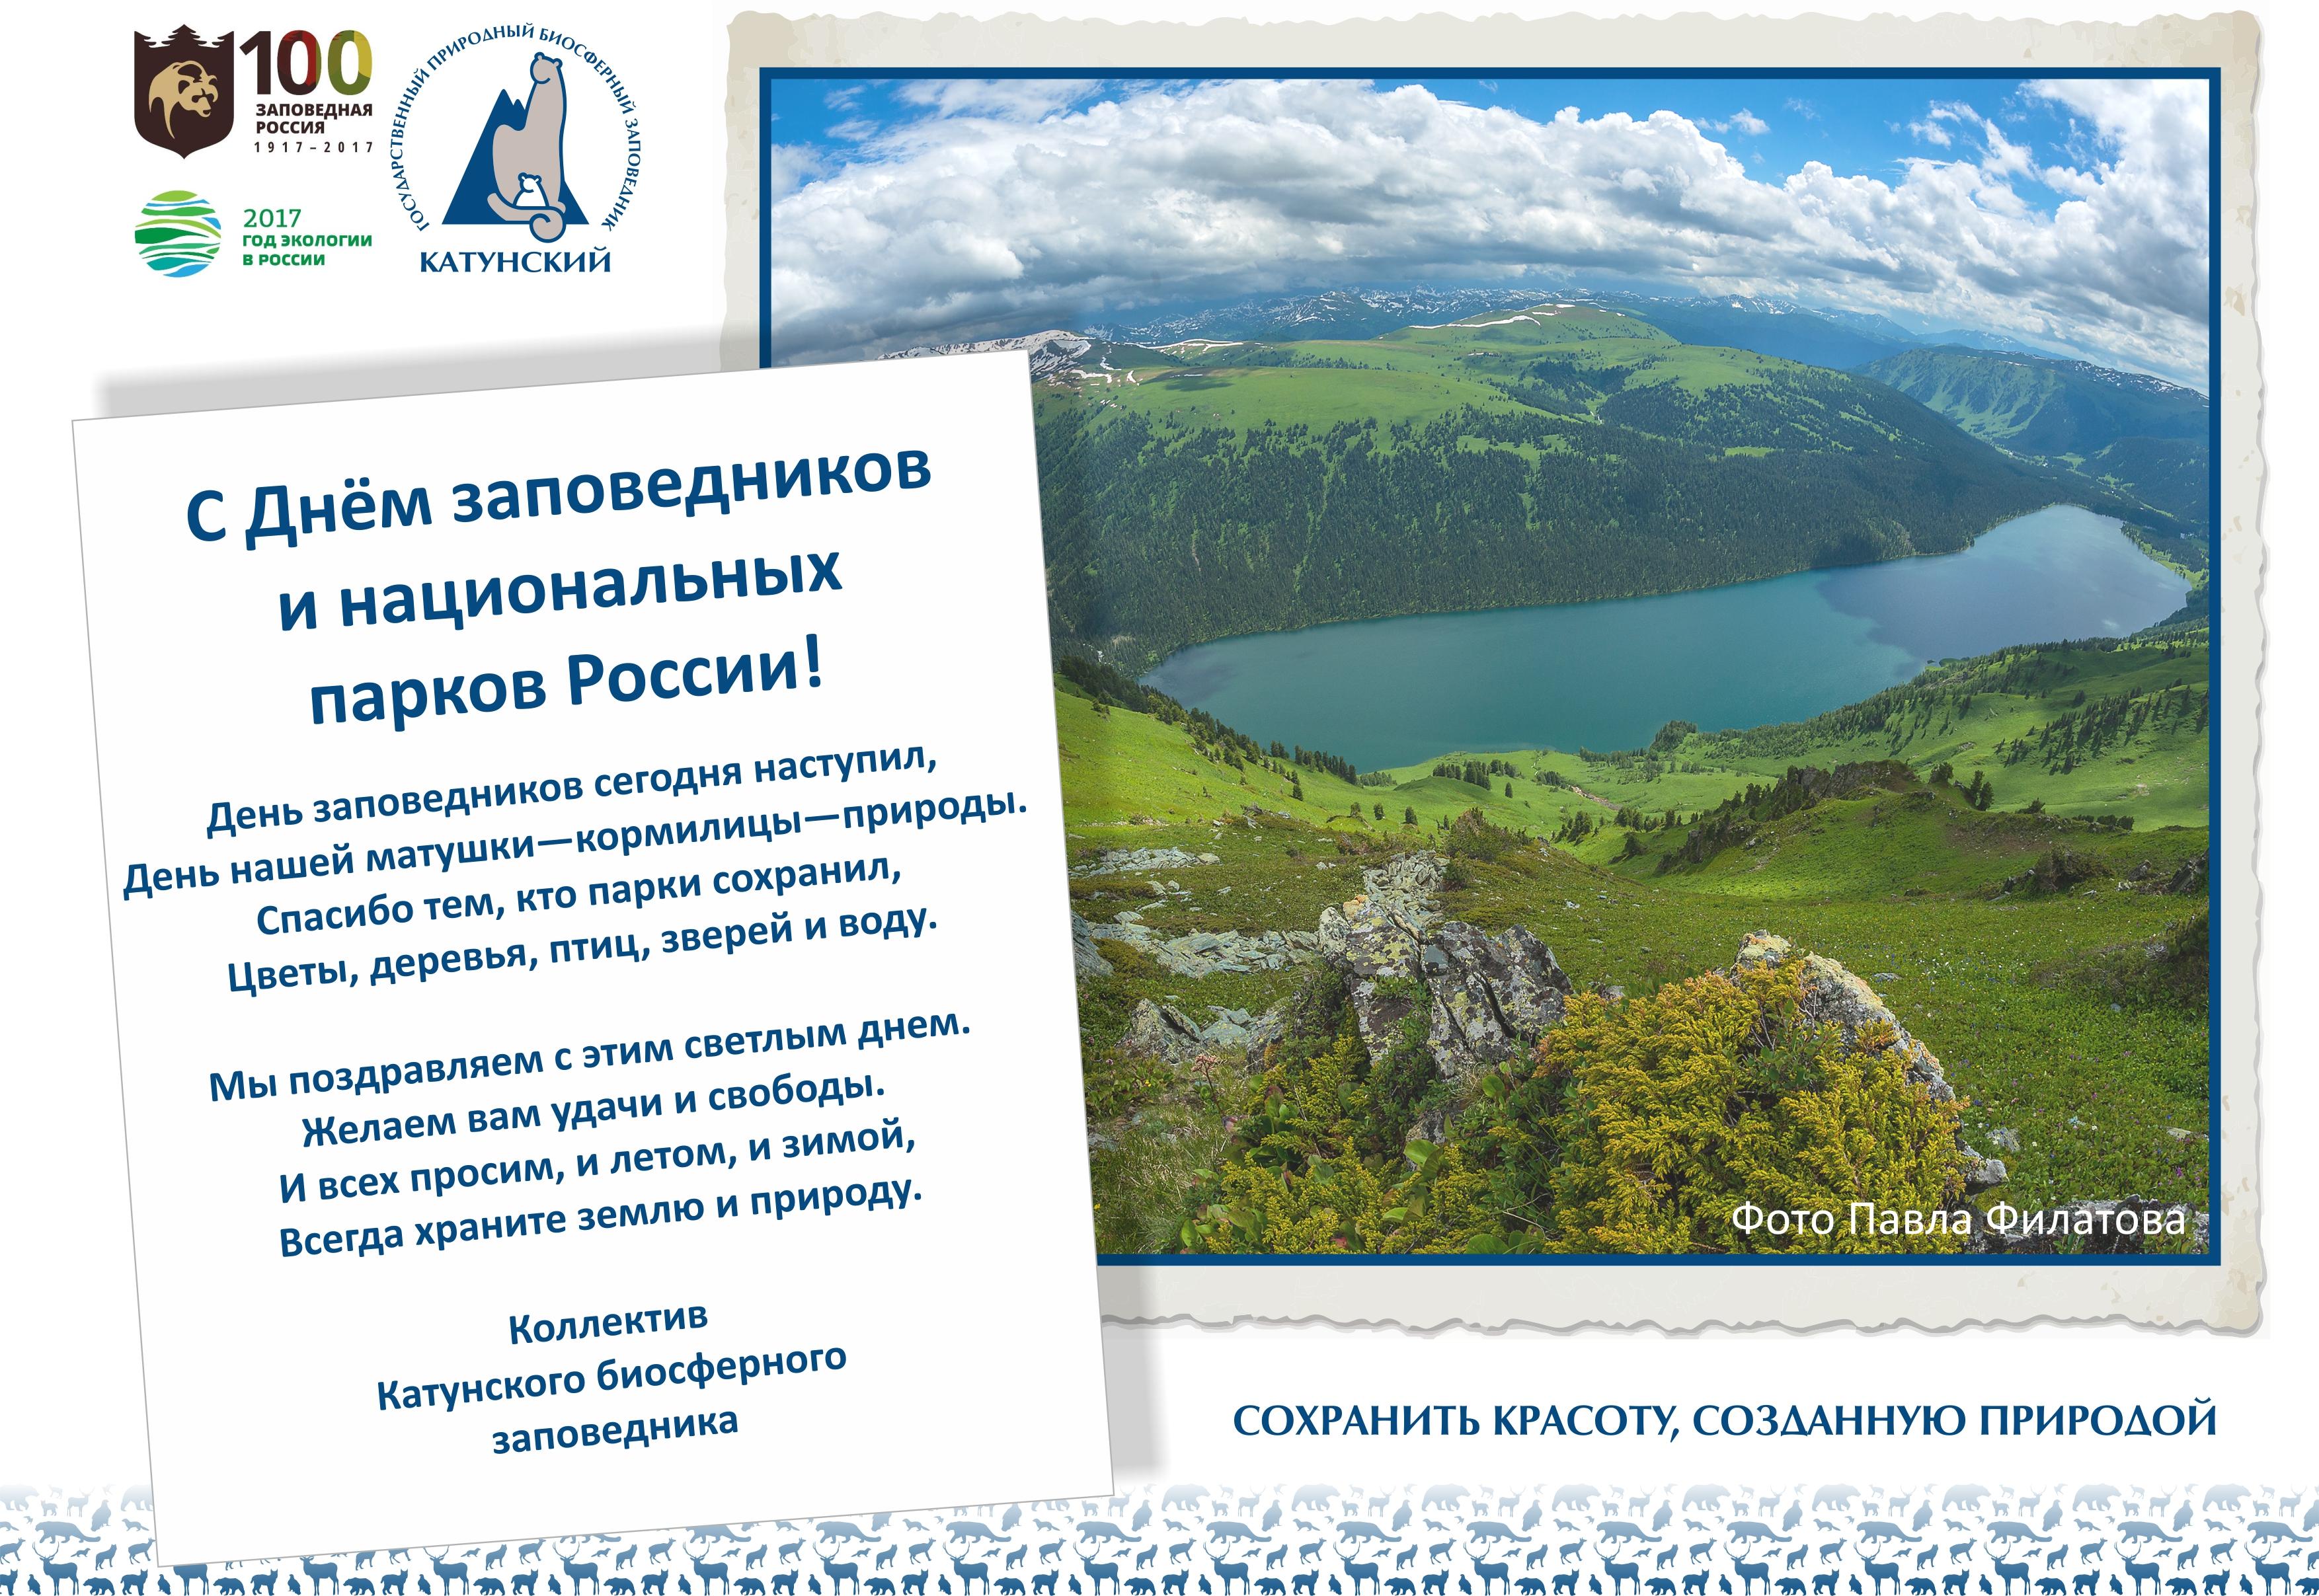 Поздравление в день заповедников и национальных парков